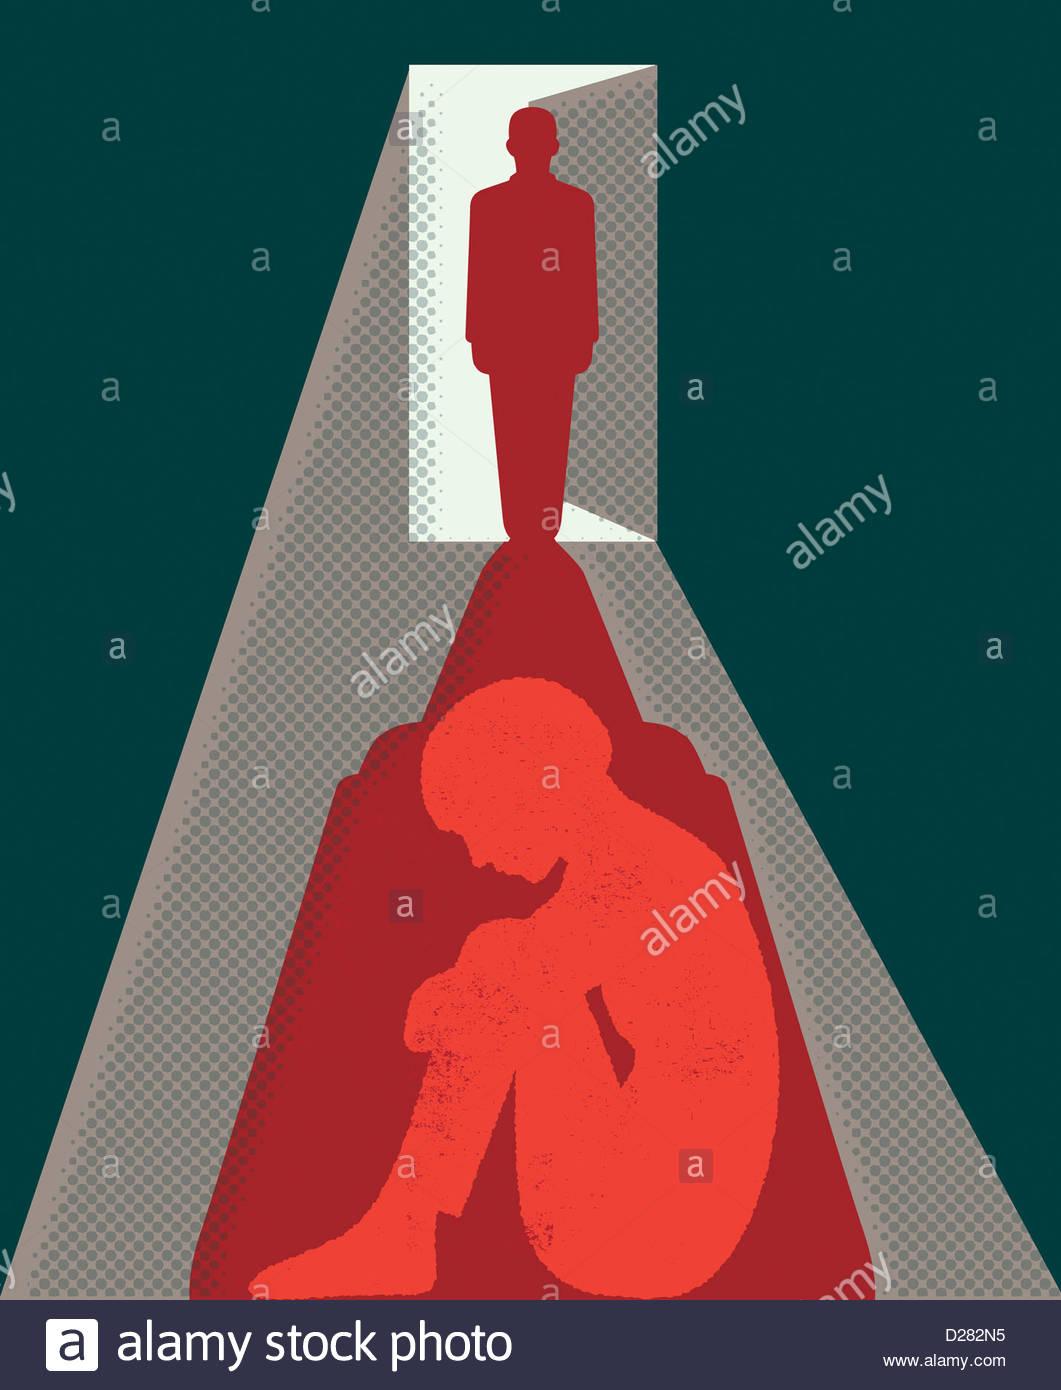 Sombra del hombre en el umbral más miedo mujer Imagen De Stock